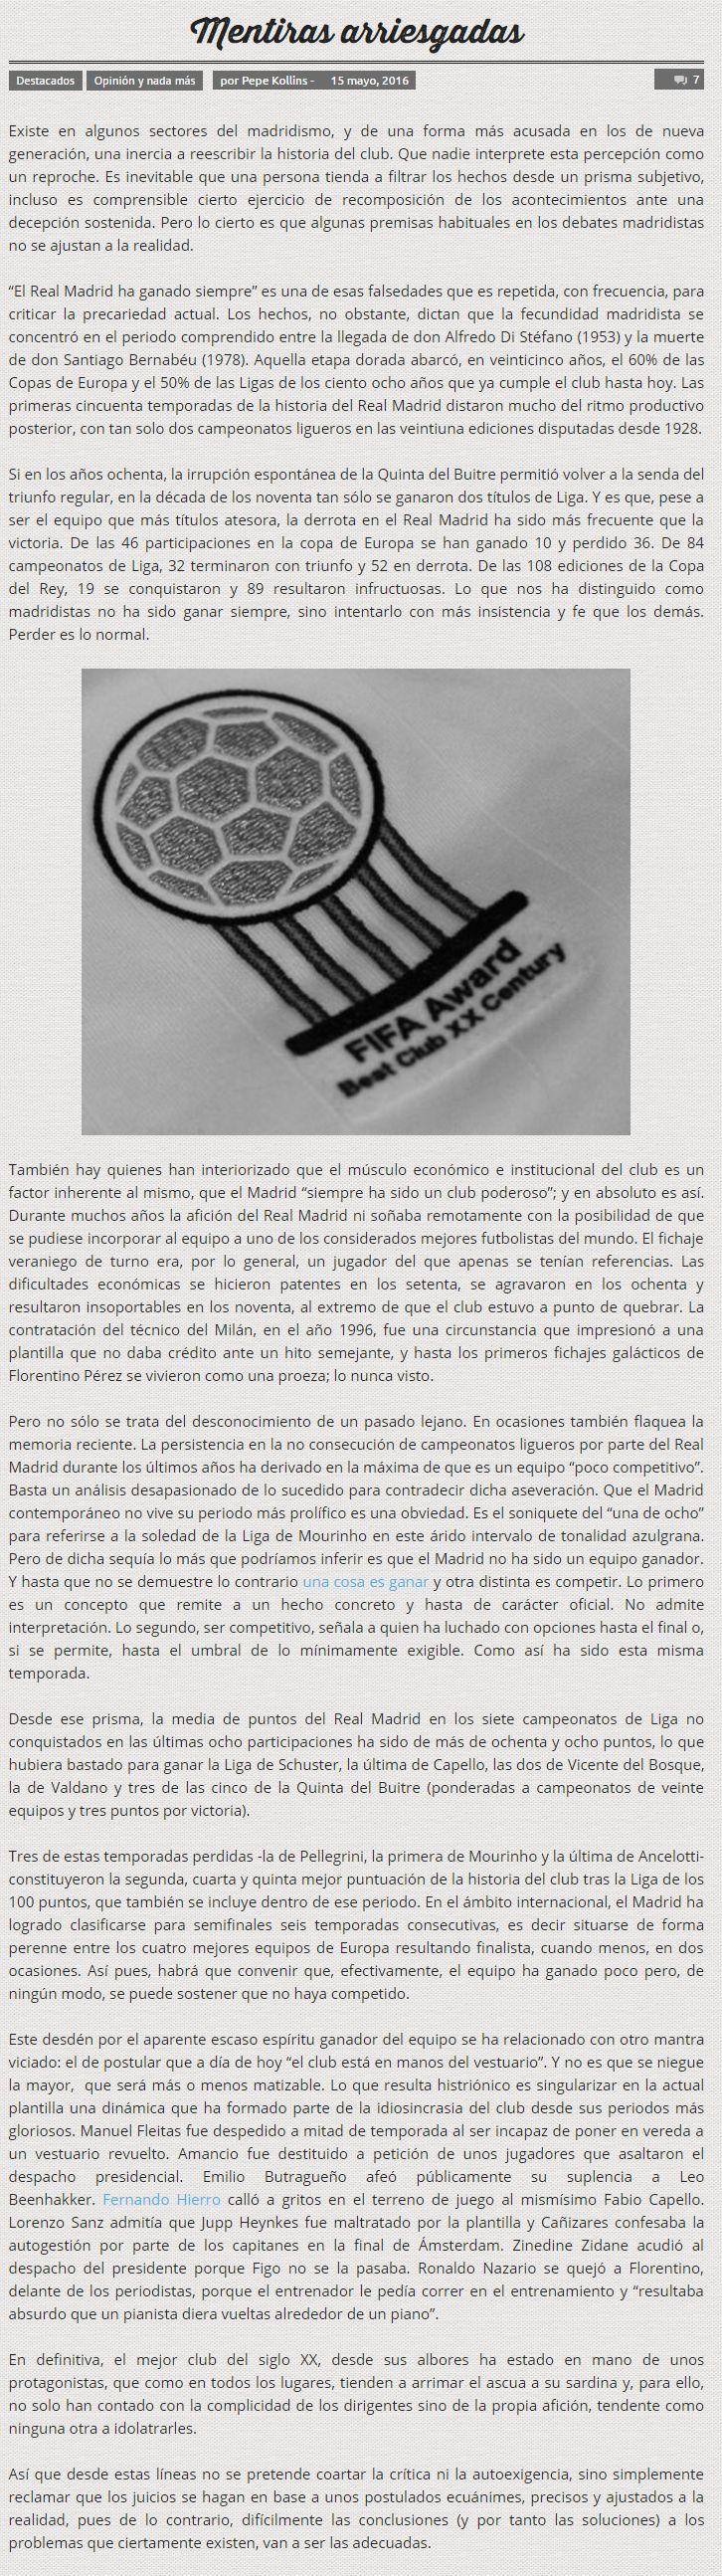 Madridistas por las redes (Todo lo que encontremos que nos parezca de interes) - Página 4 0200035272